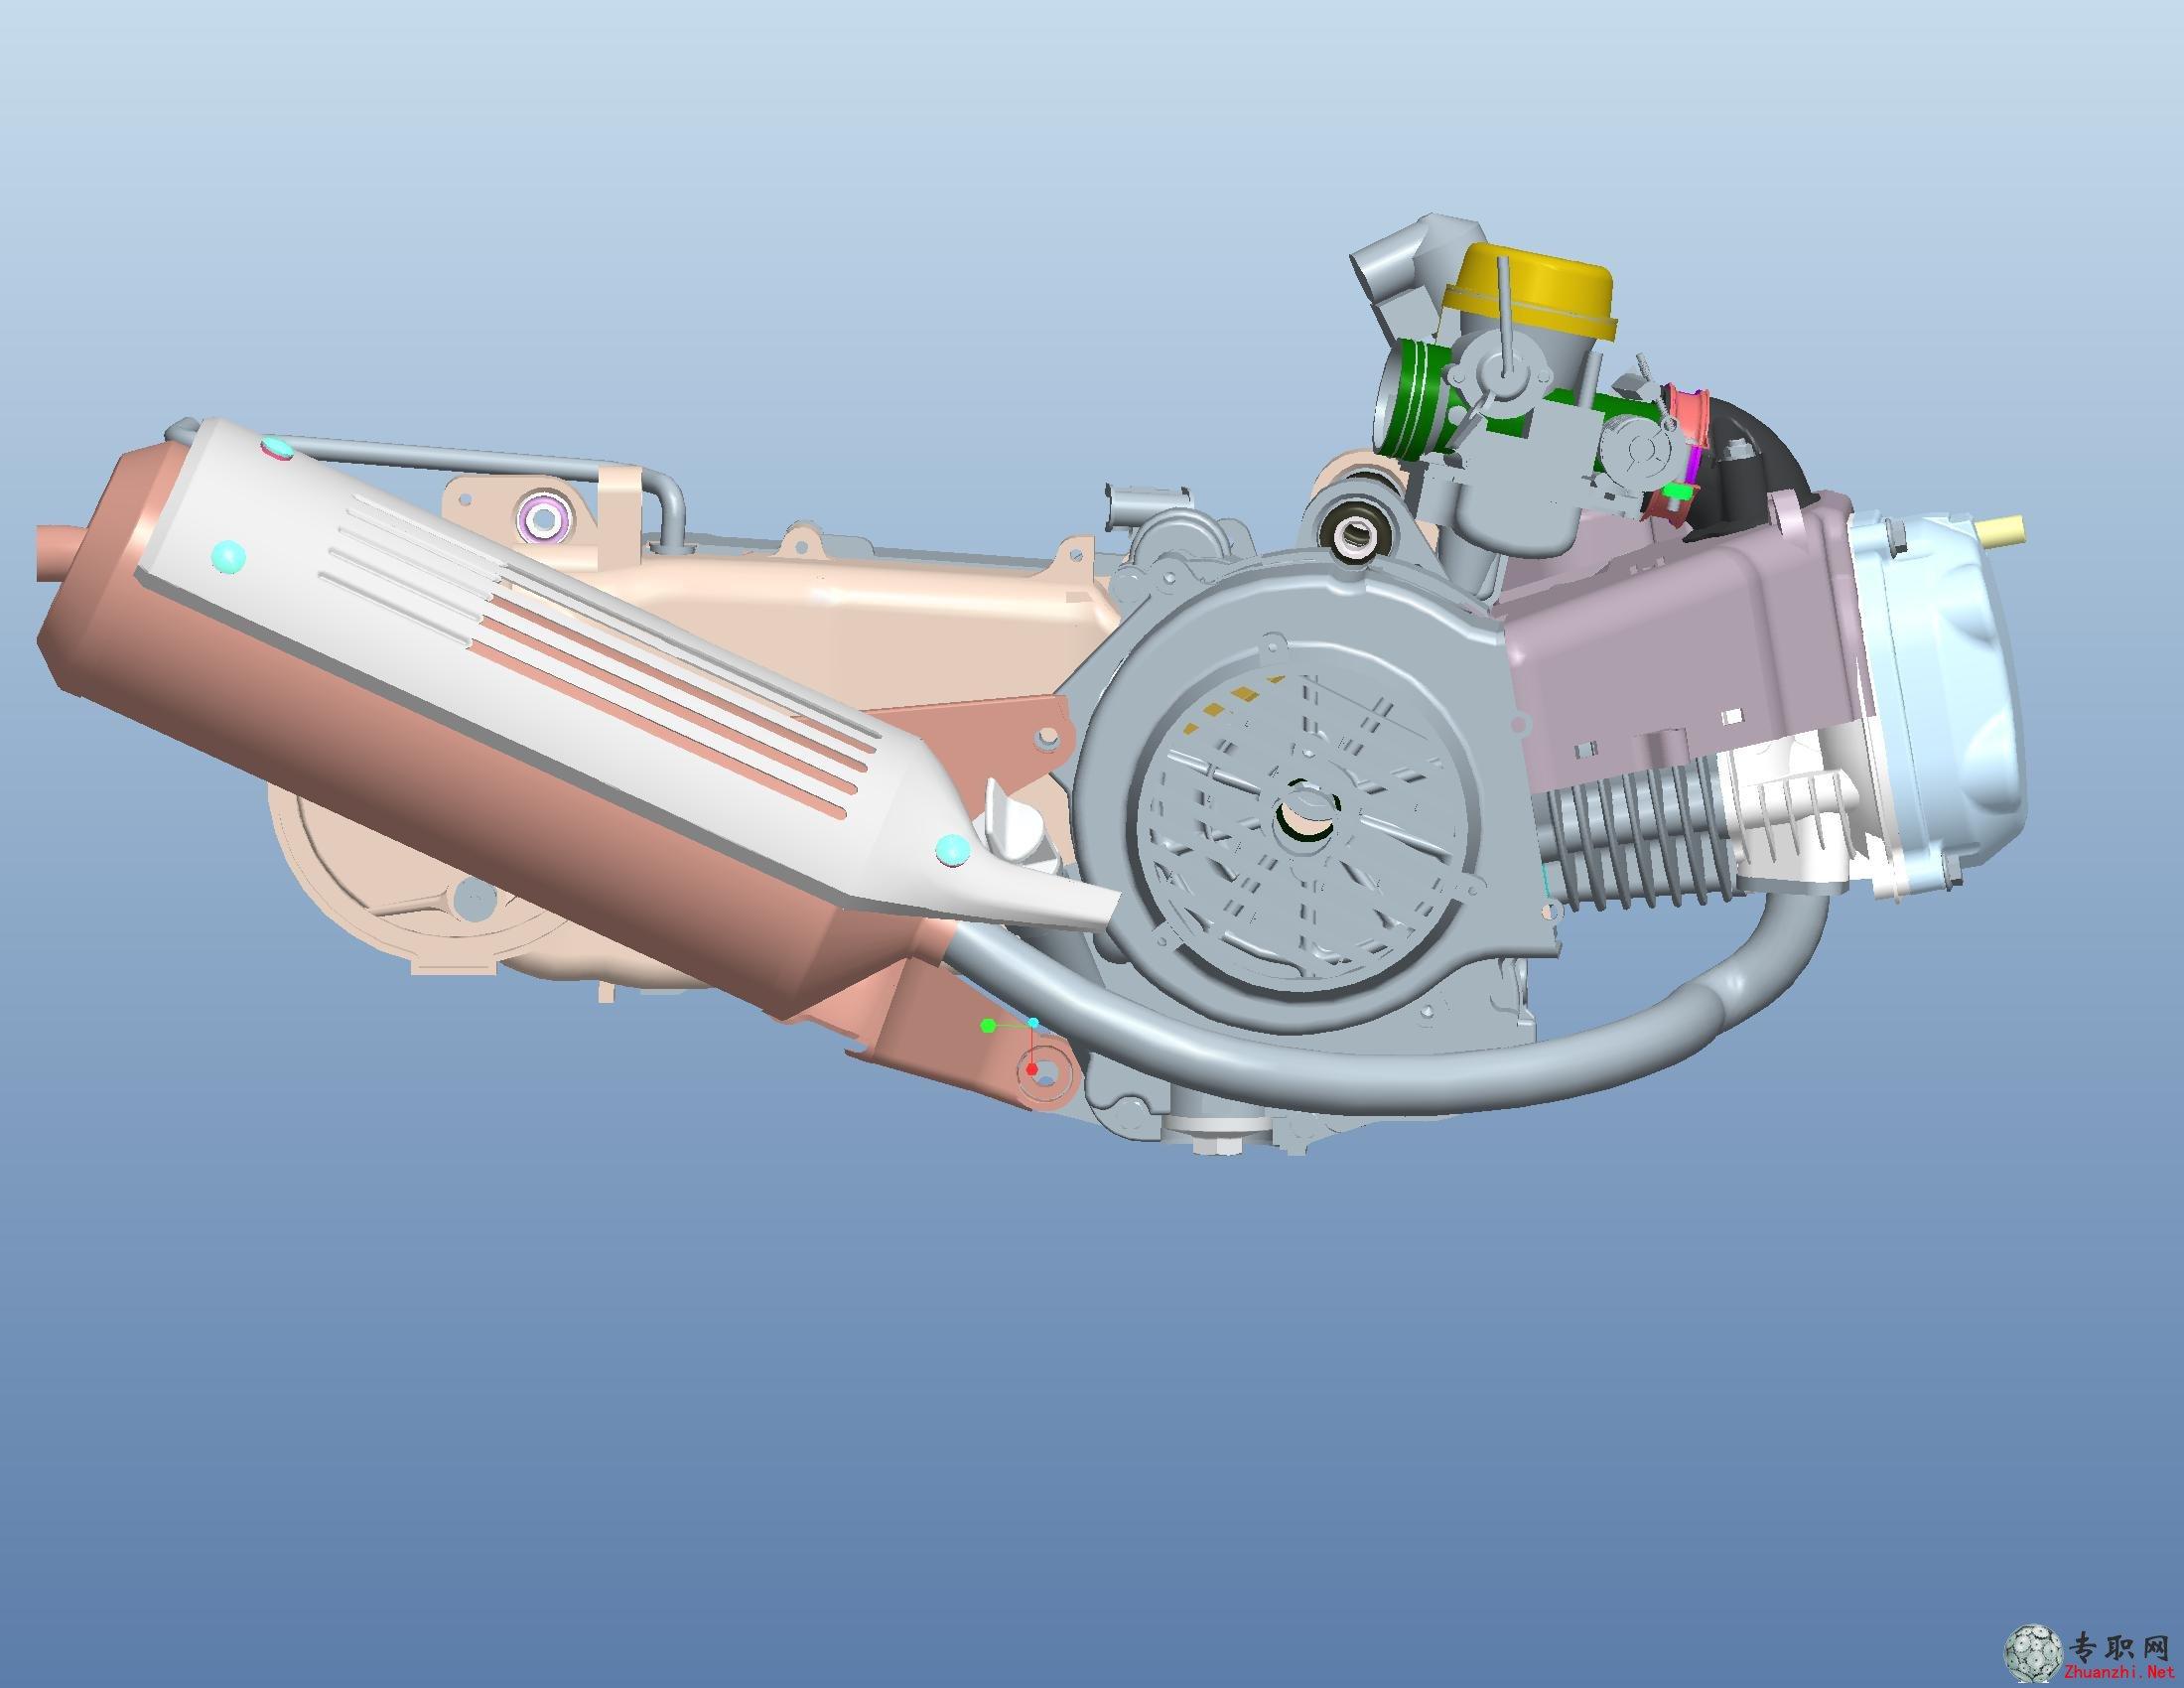 专职网 行业资料 图纸下载 > proe五羊公主摩托车发动机3d模型_pro/e